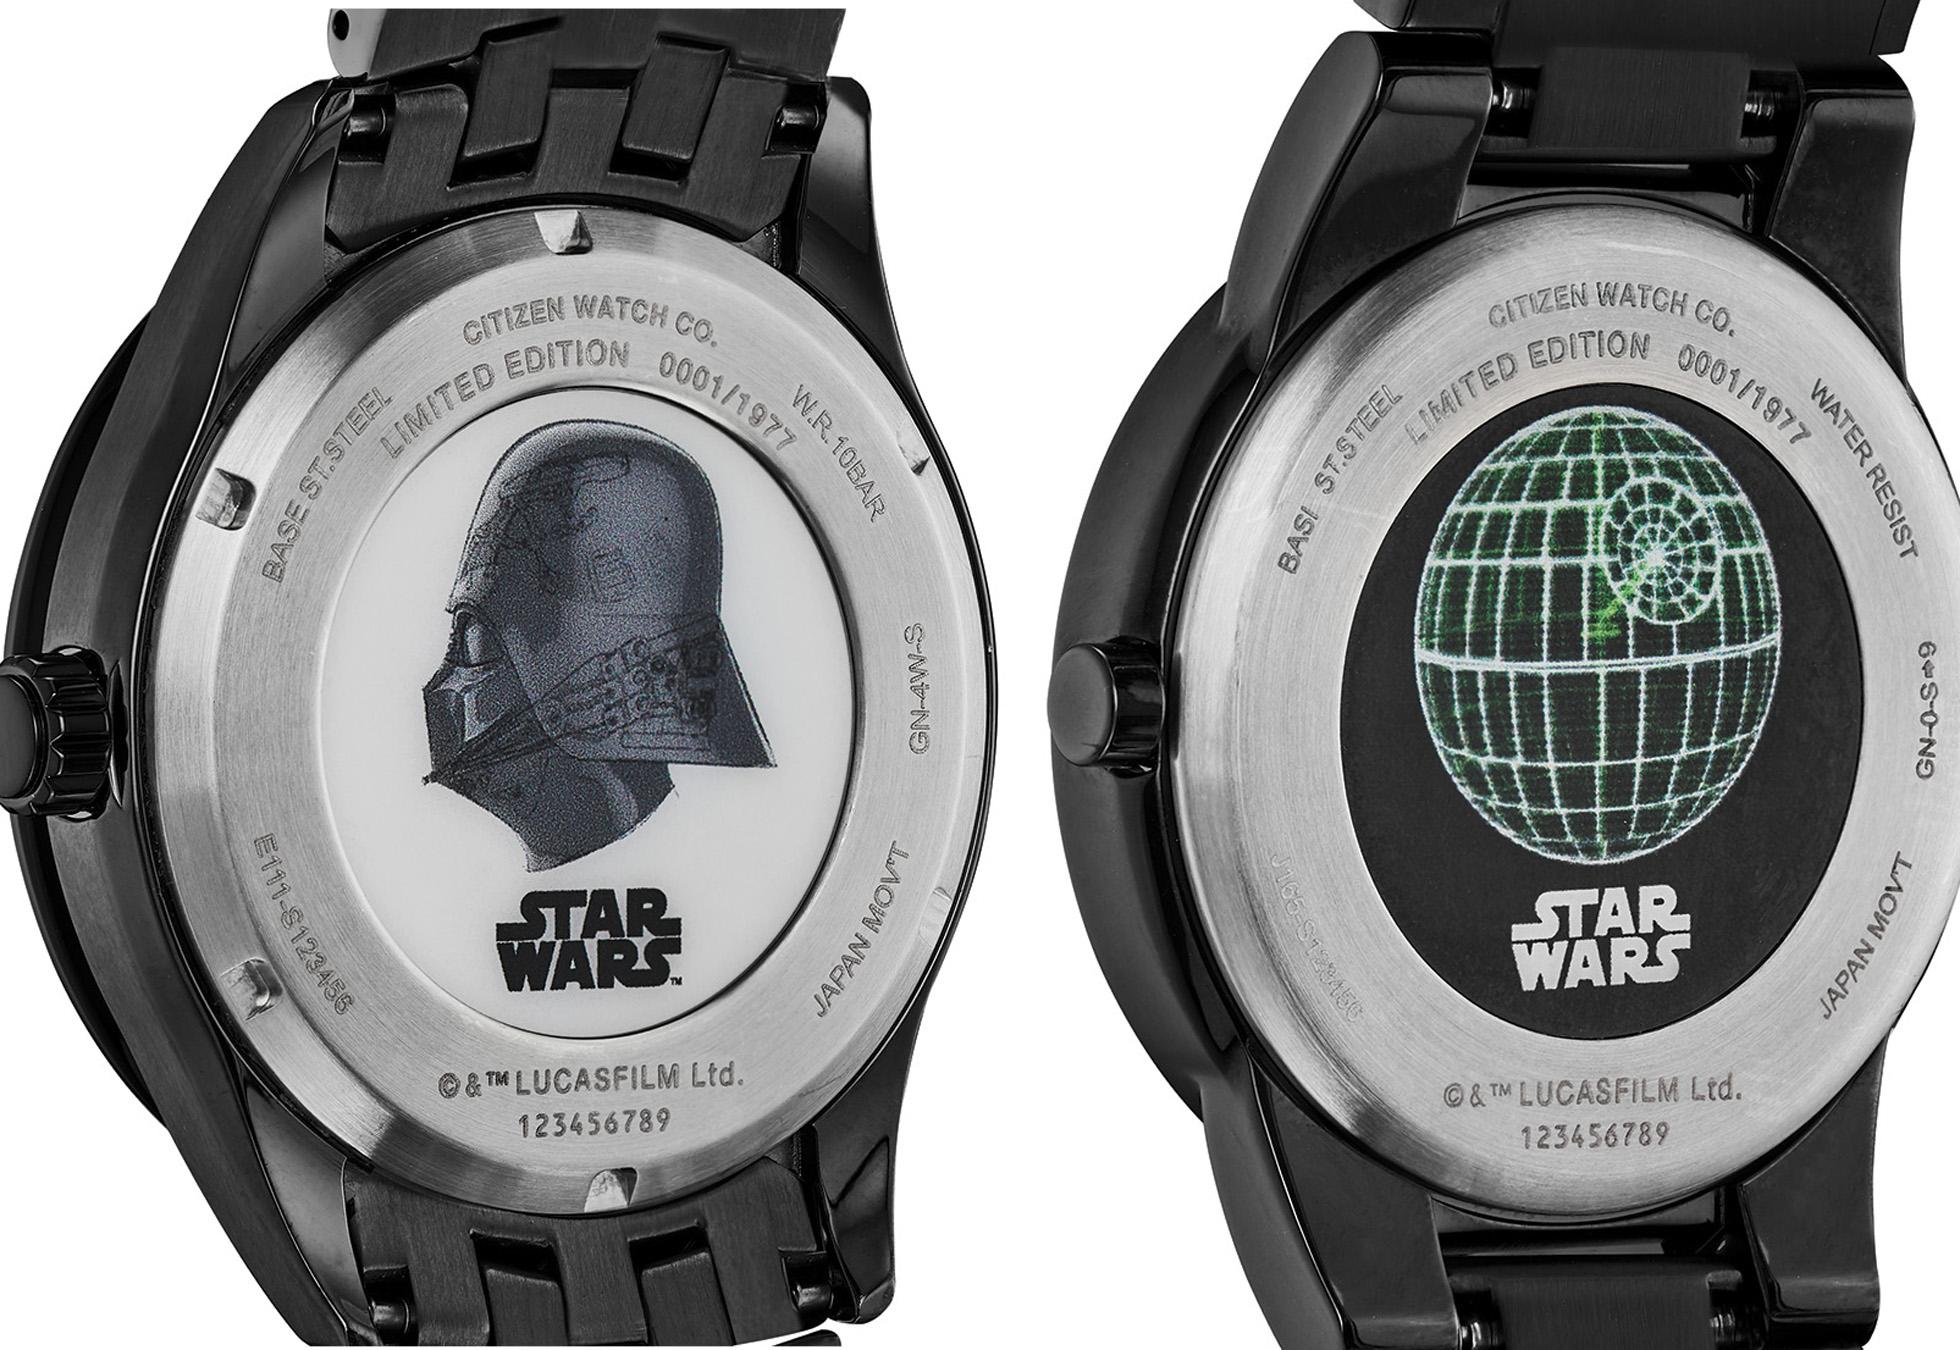 Citizen Star Wars Watches